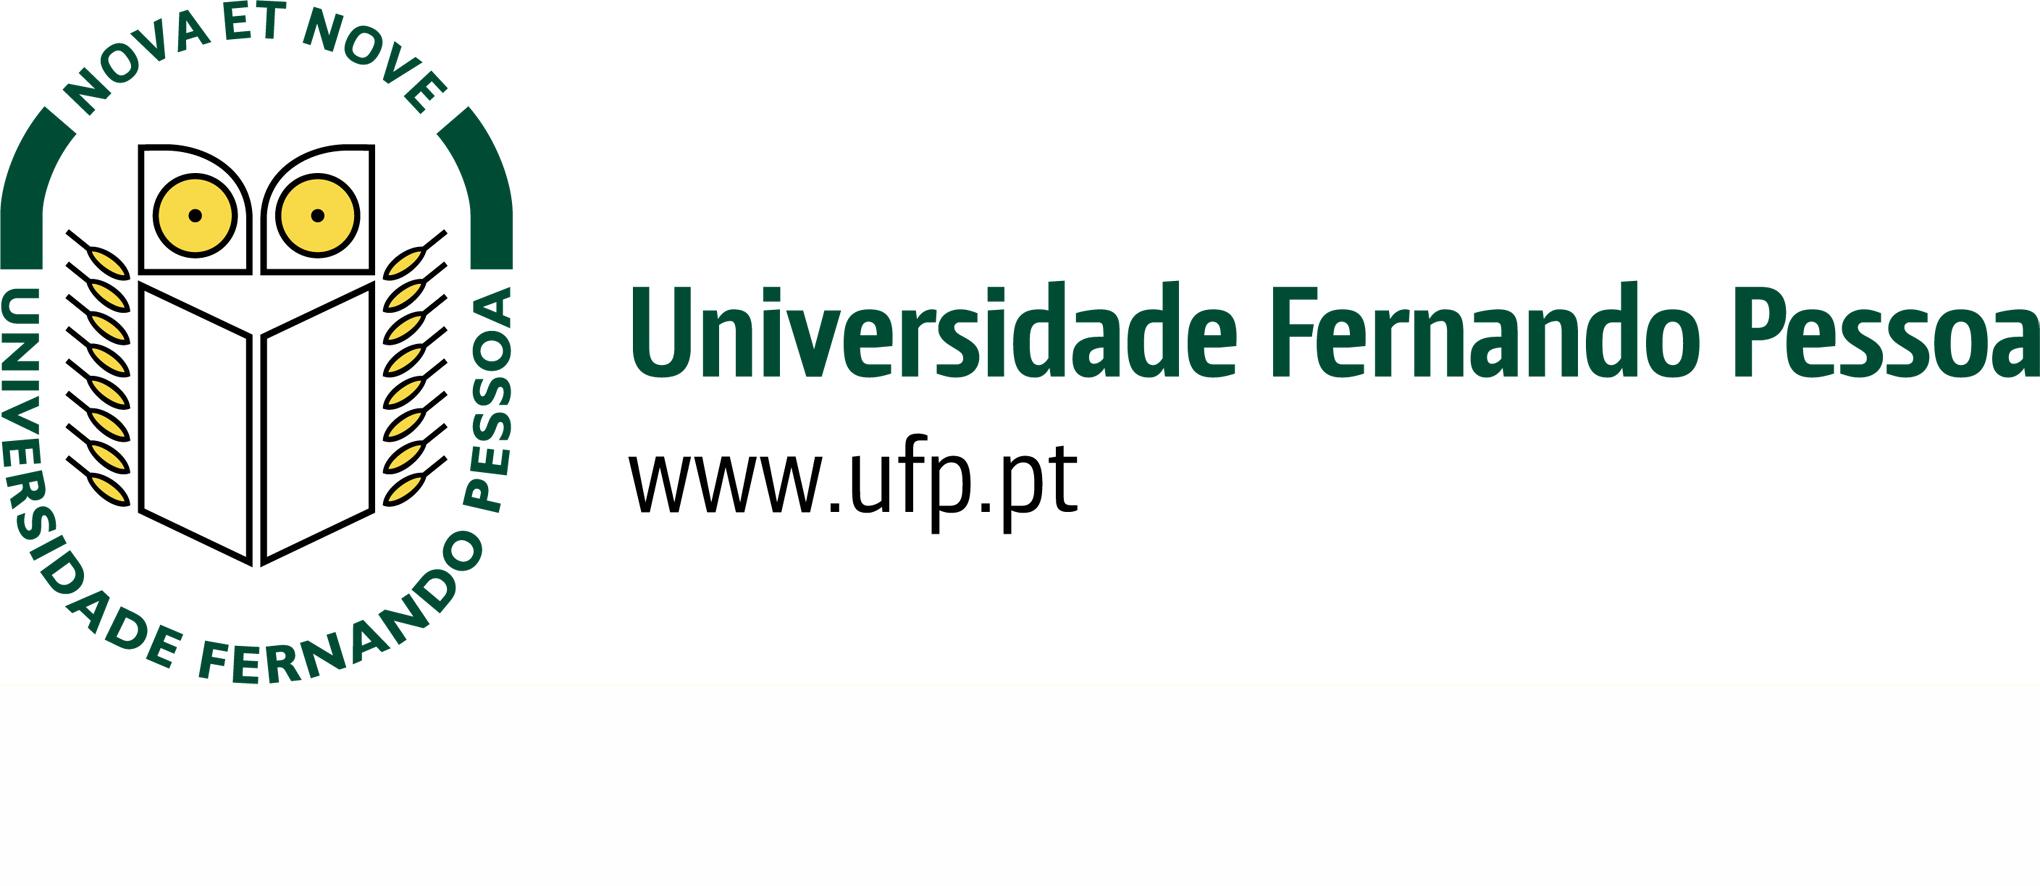 1-Universidade Fernando Pessoa